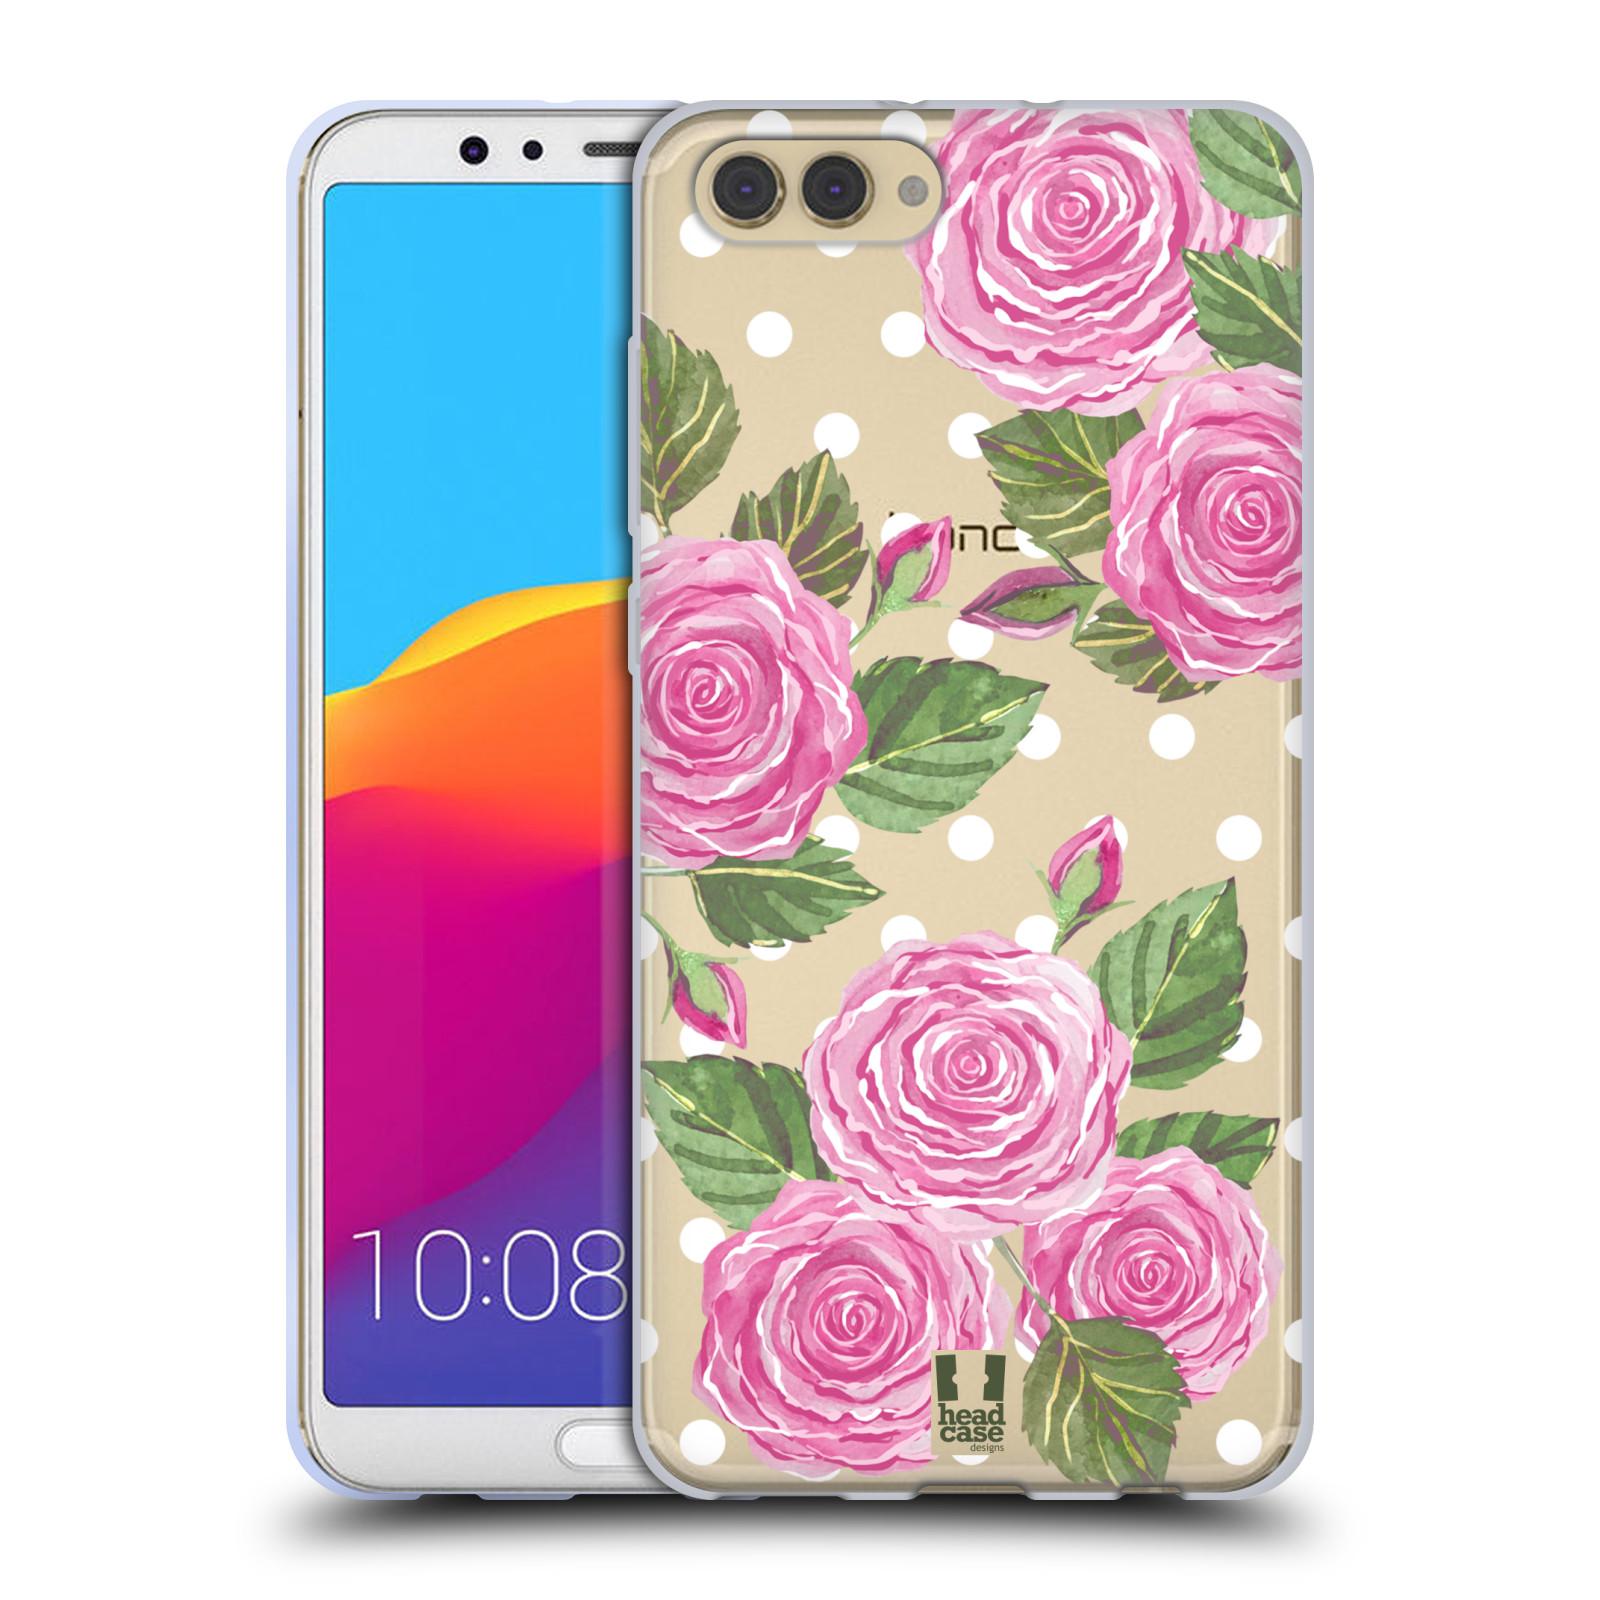 HEAD CASE silikonový obal na mobil Huawei HONOR VIEW 10 / V10 Anglické růže růžová barva